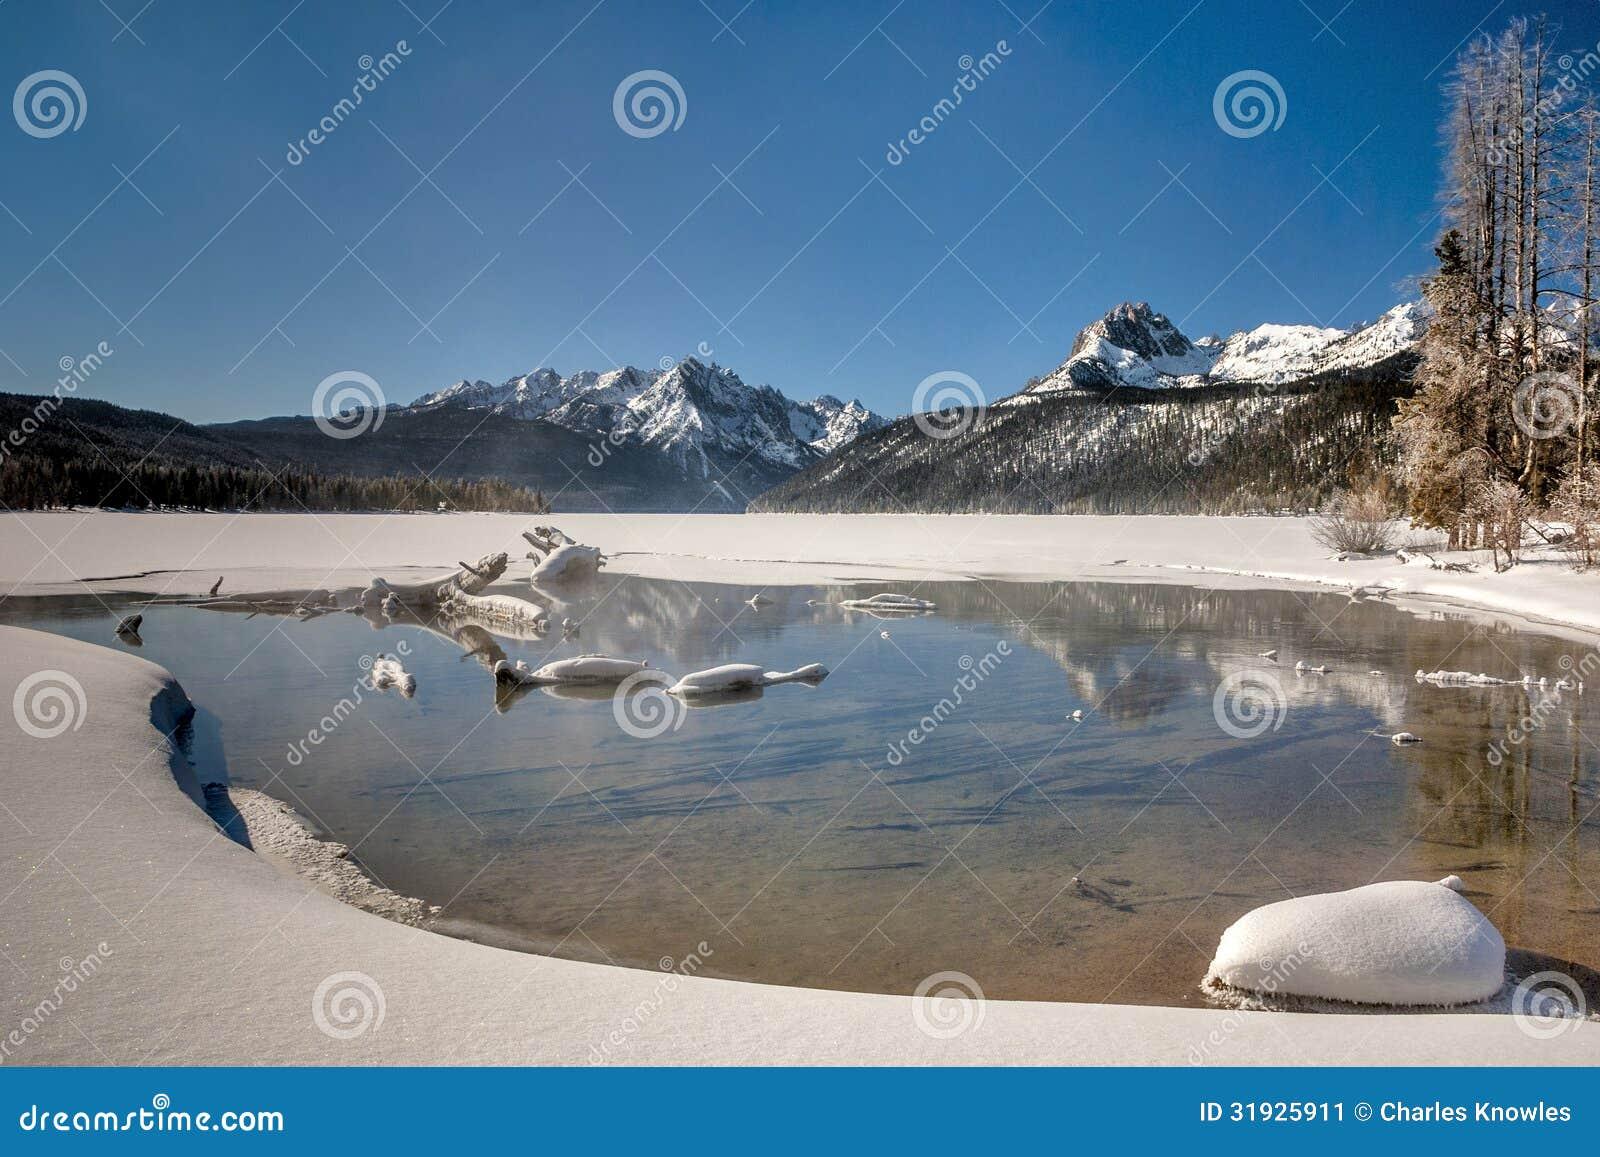 winter snow lake mountain - photo #32